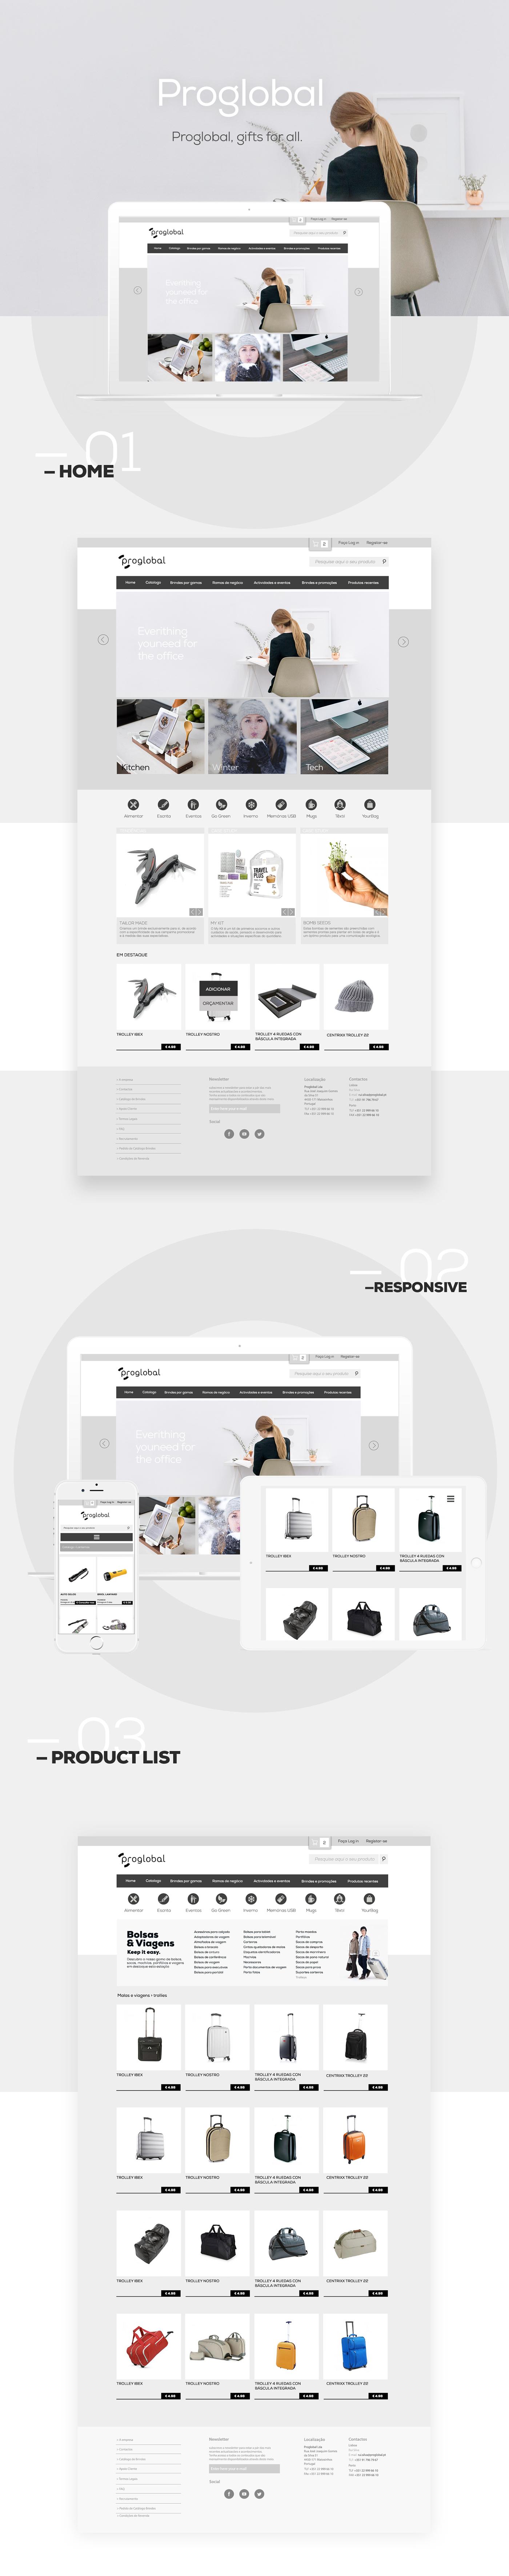 design Web site ux/ui